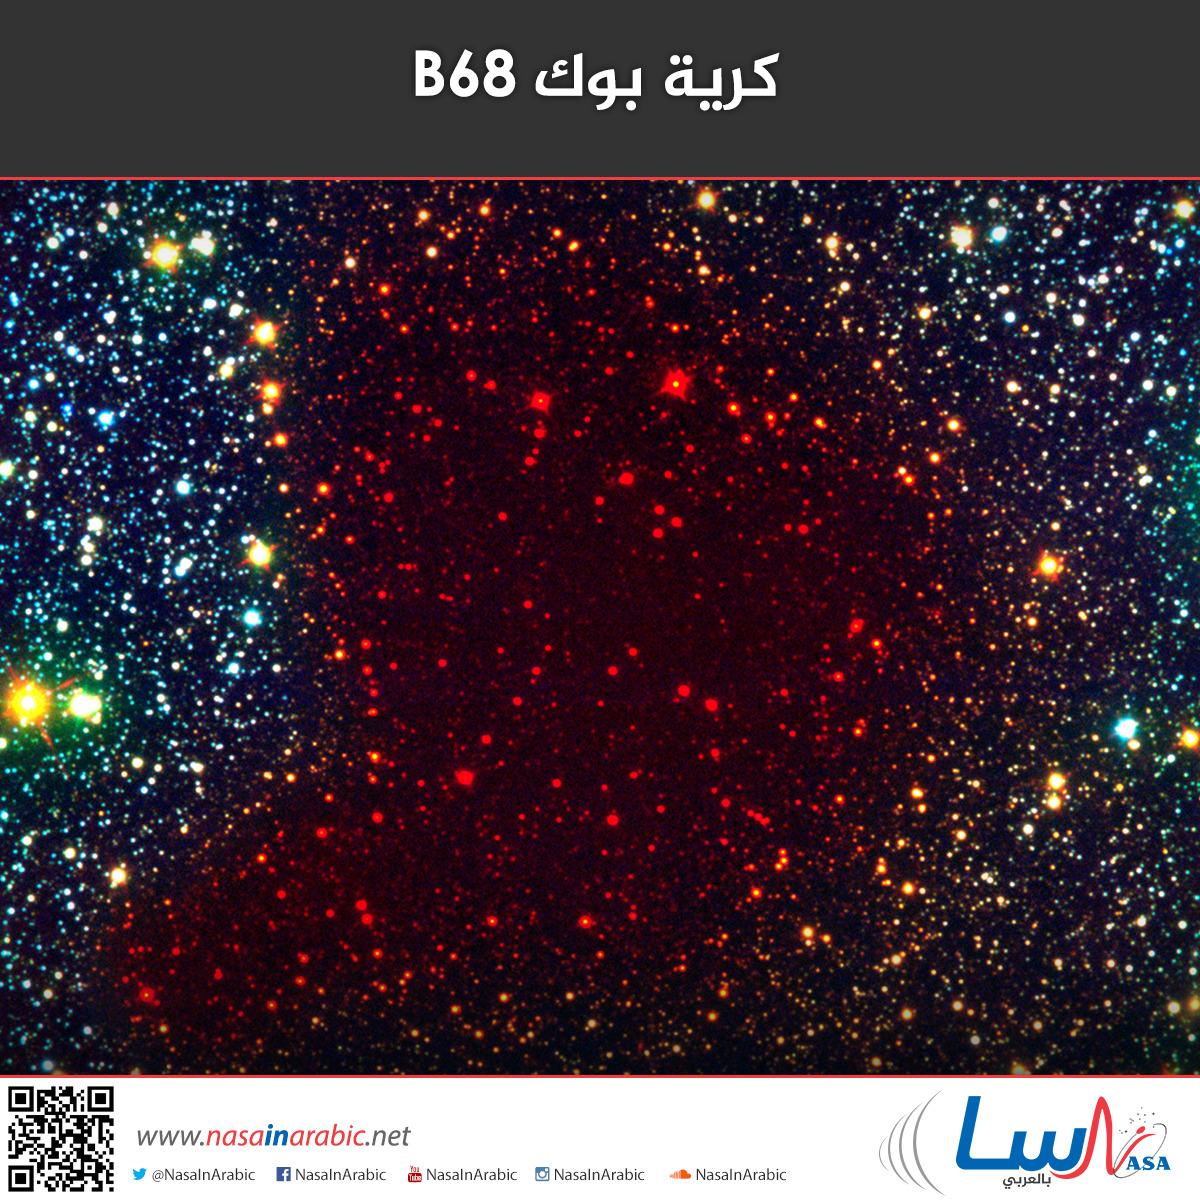 كرية بوك B68